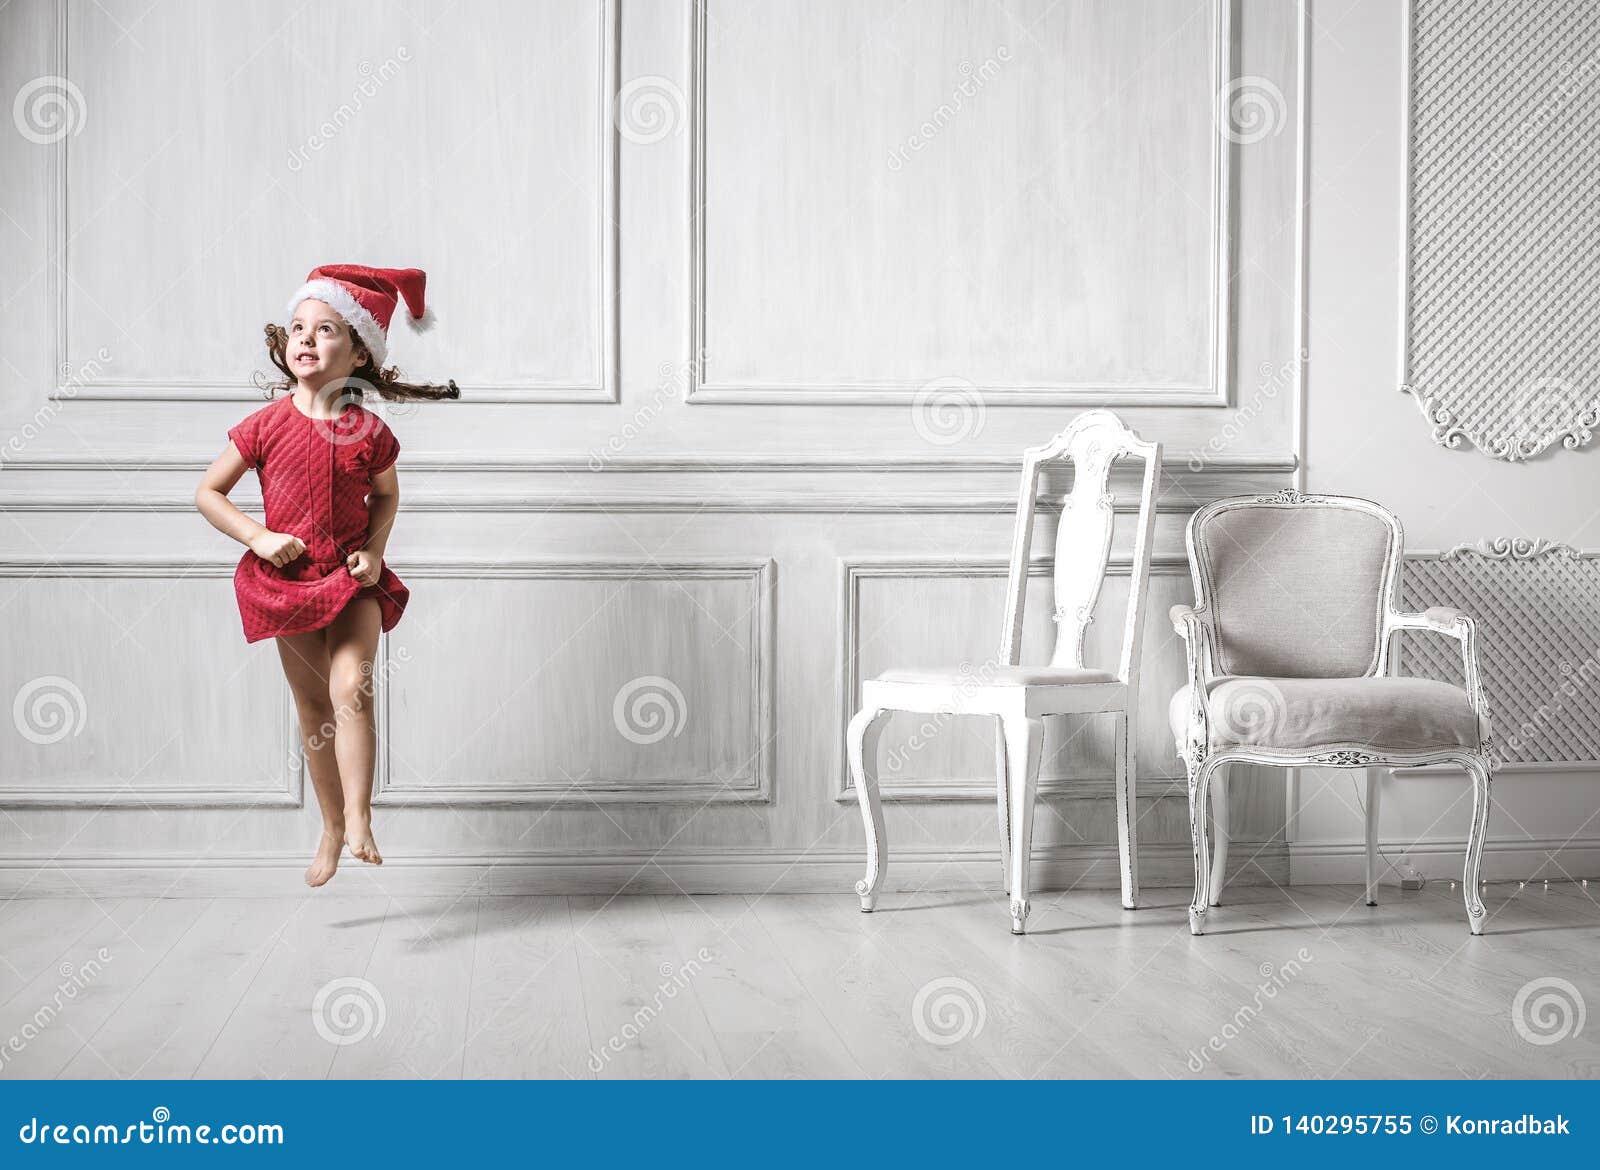 Porträt eines springenden Mädchens, das einen Sankt-Hut trägt